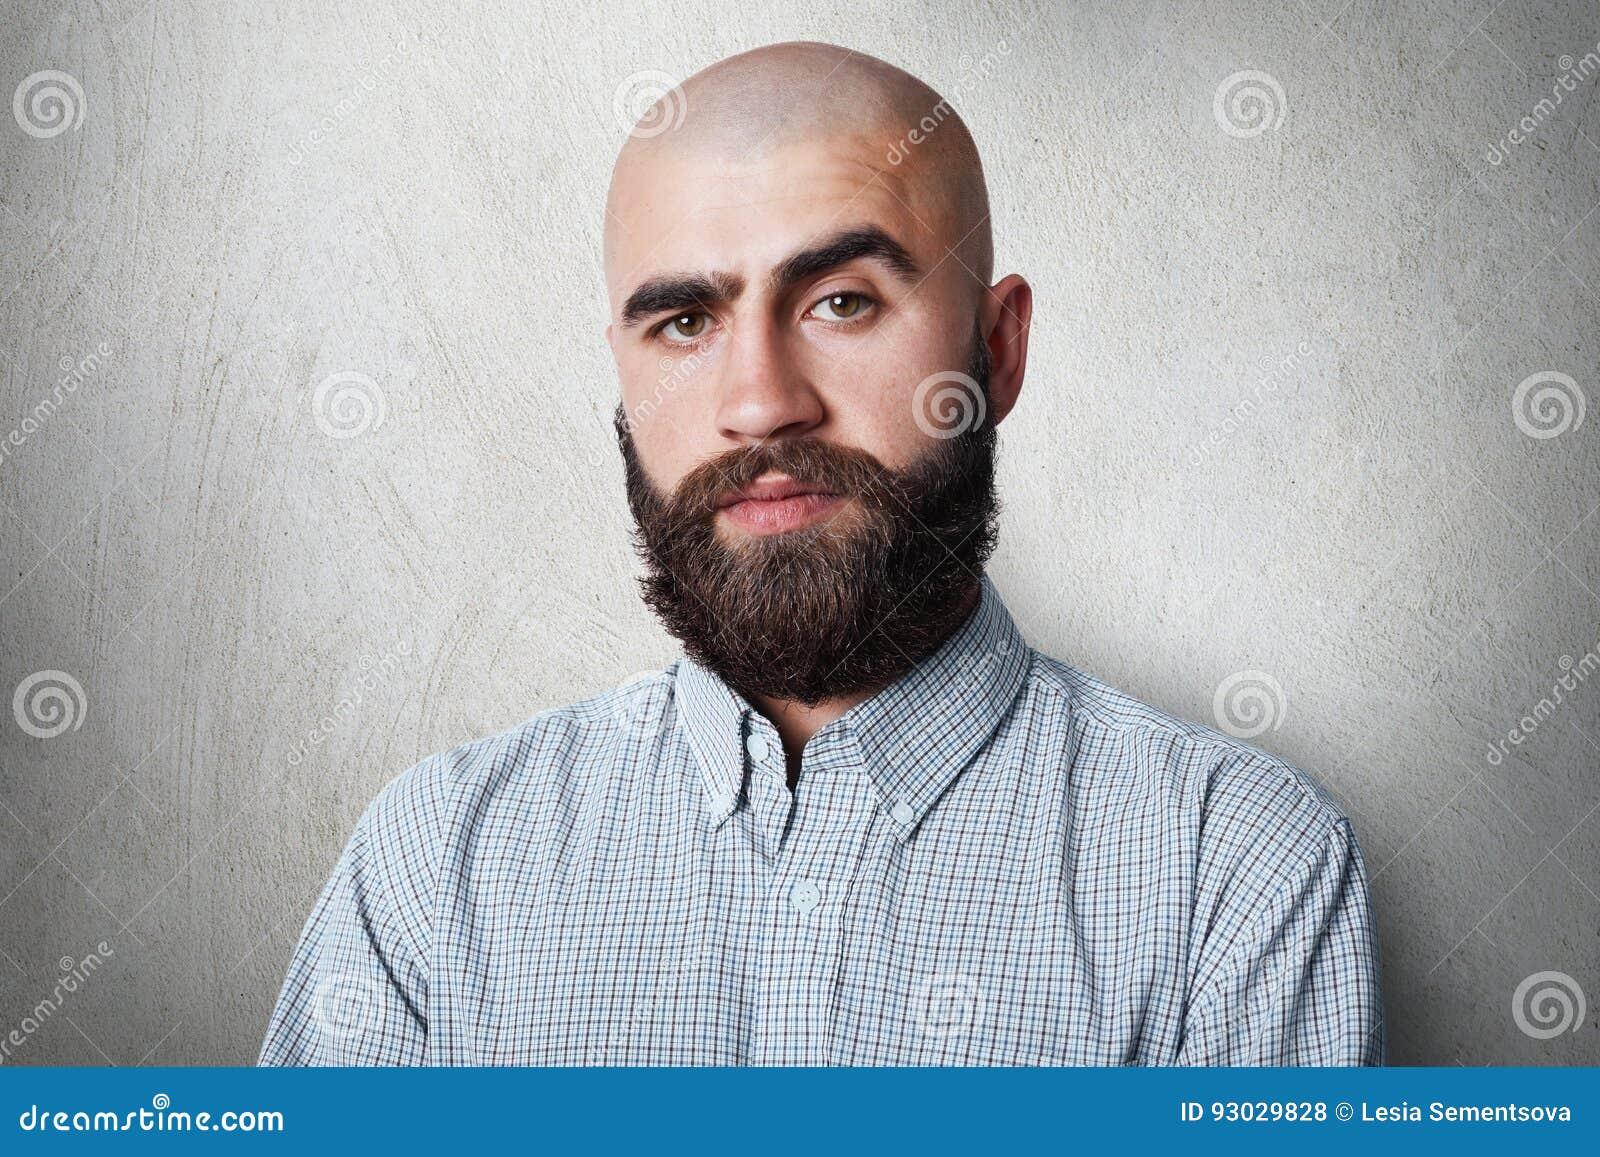 Een zeker kaal mannetje met dikke zwarte wenkbrauwen en baard die gecontroleerd overhemd dragen die het sombere uitdrukking stell